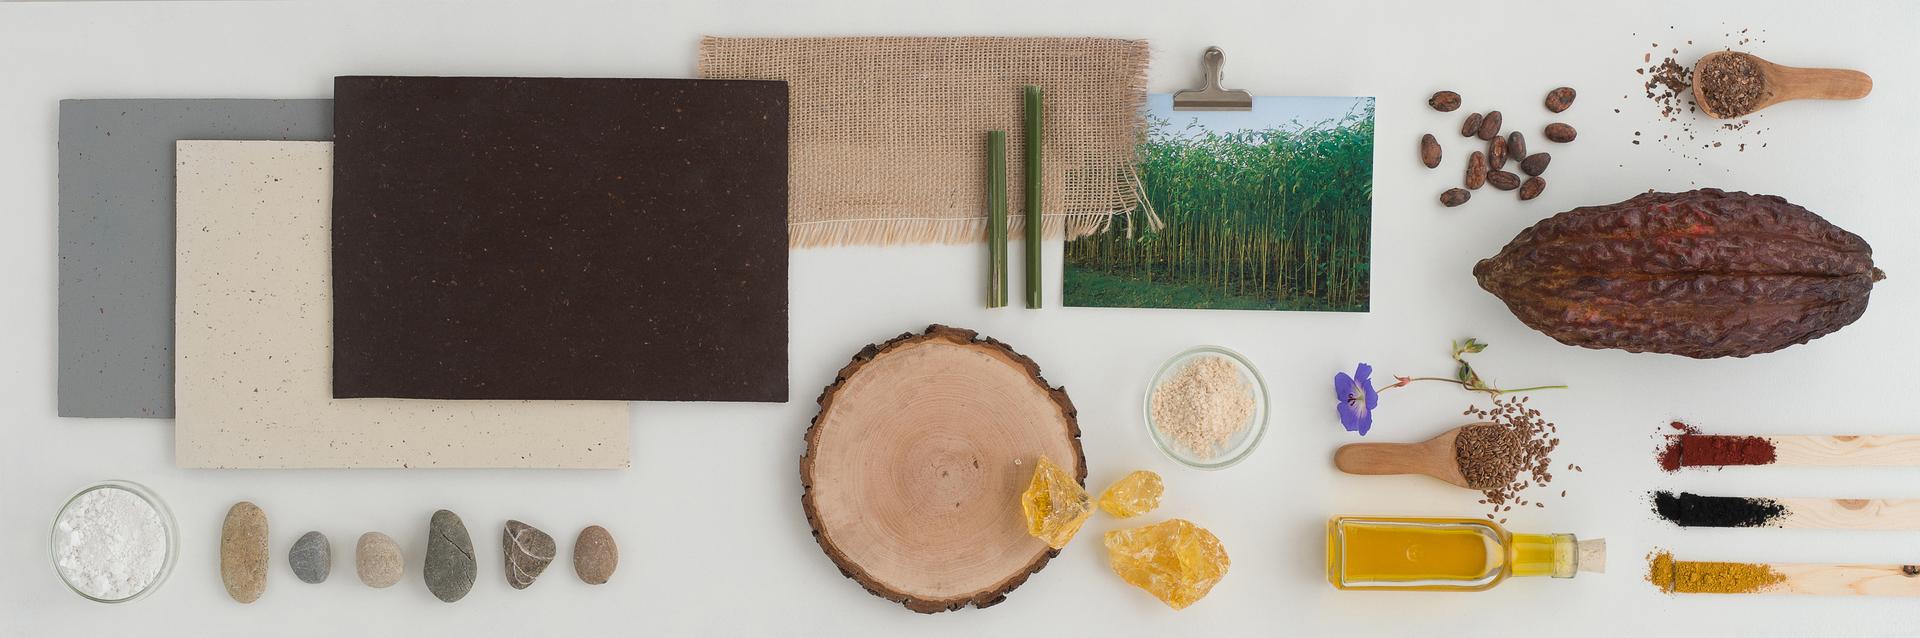 <p>Alle-natuurlijke-ingredienten-van-het-nieuwe-Marmoleum-Cocoa-van-Forbo-Flooring-op-een-rijtje</p>